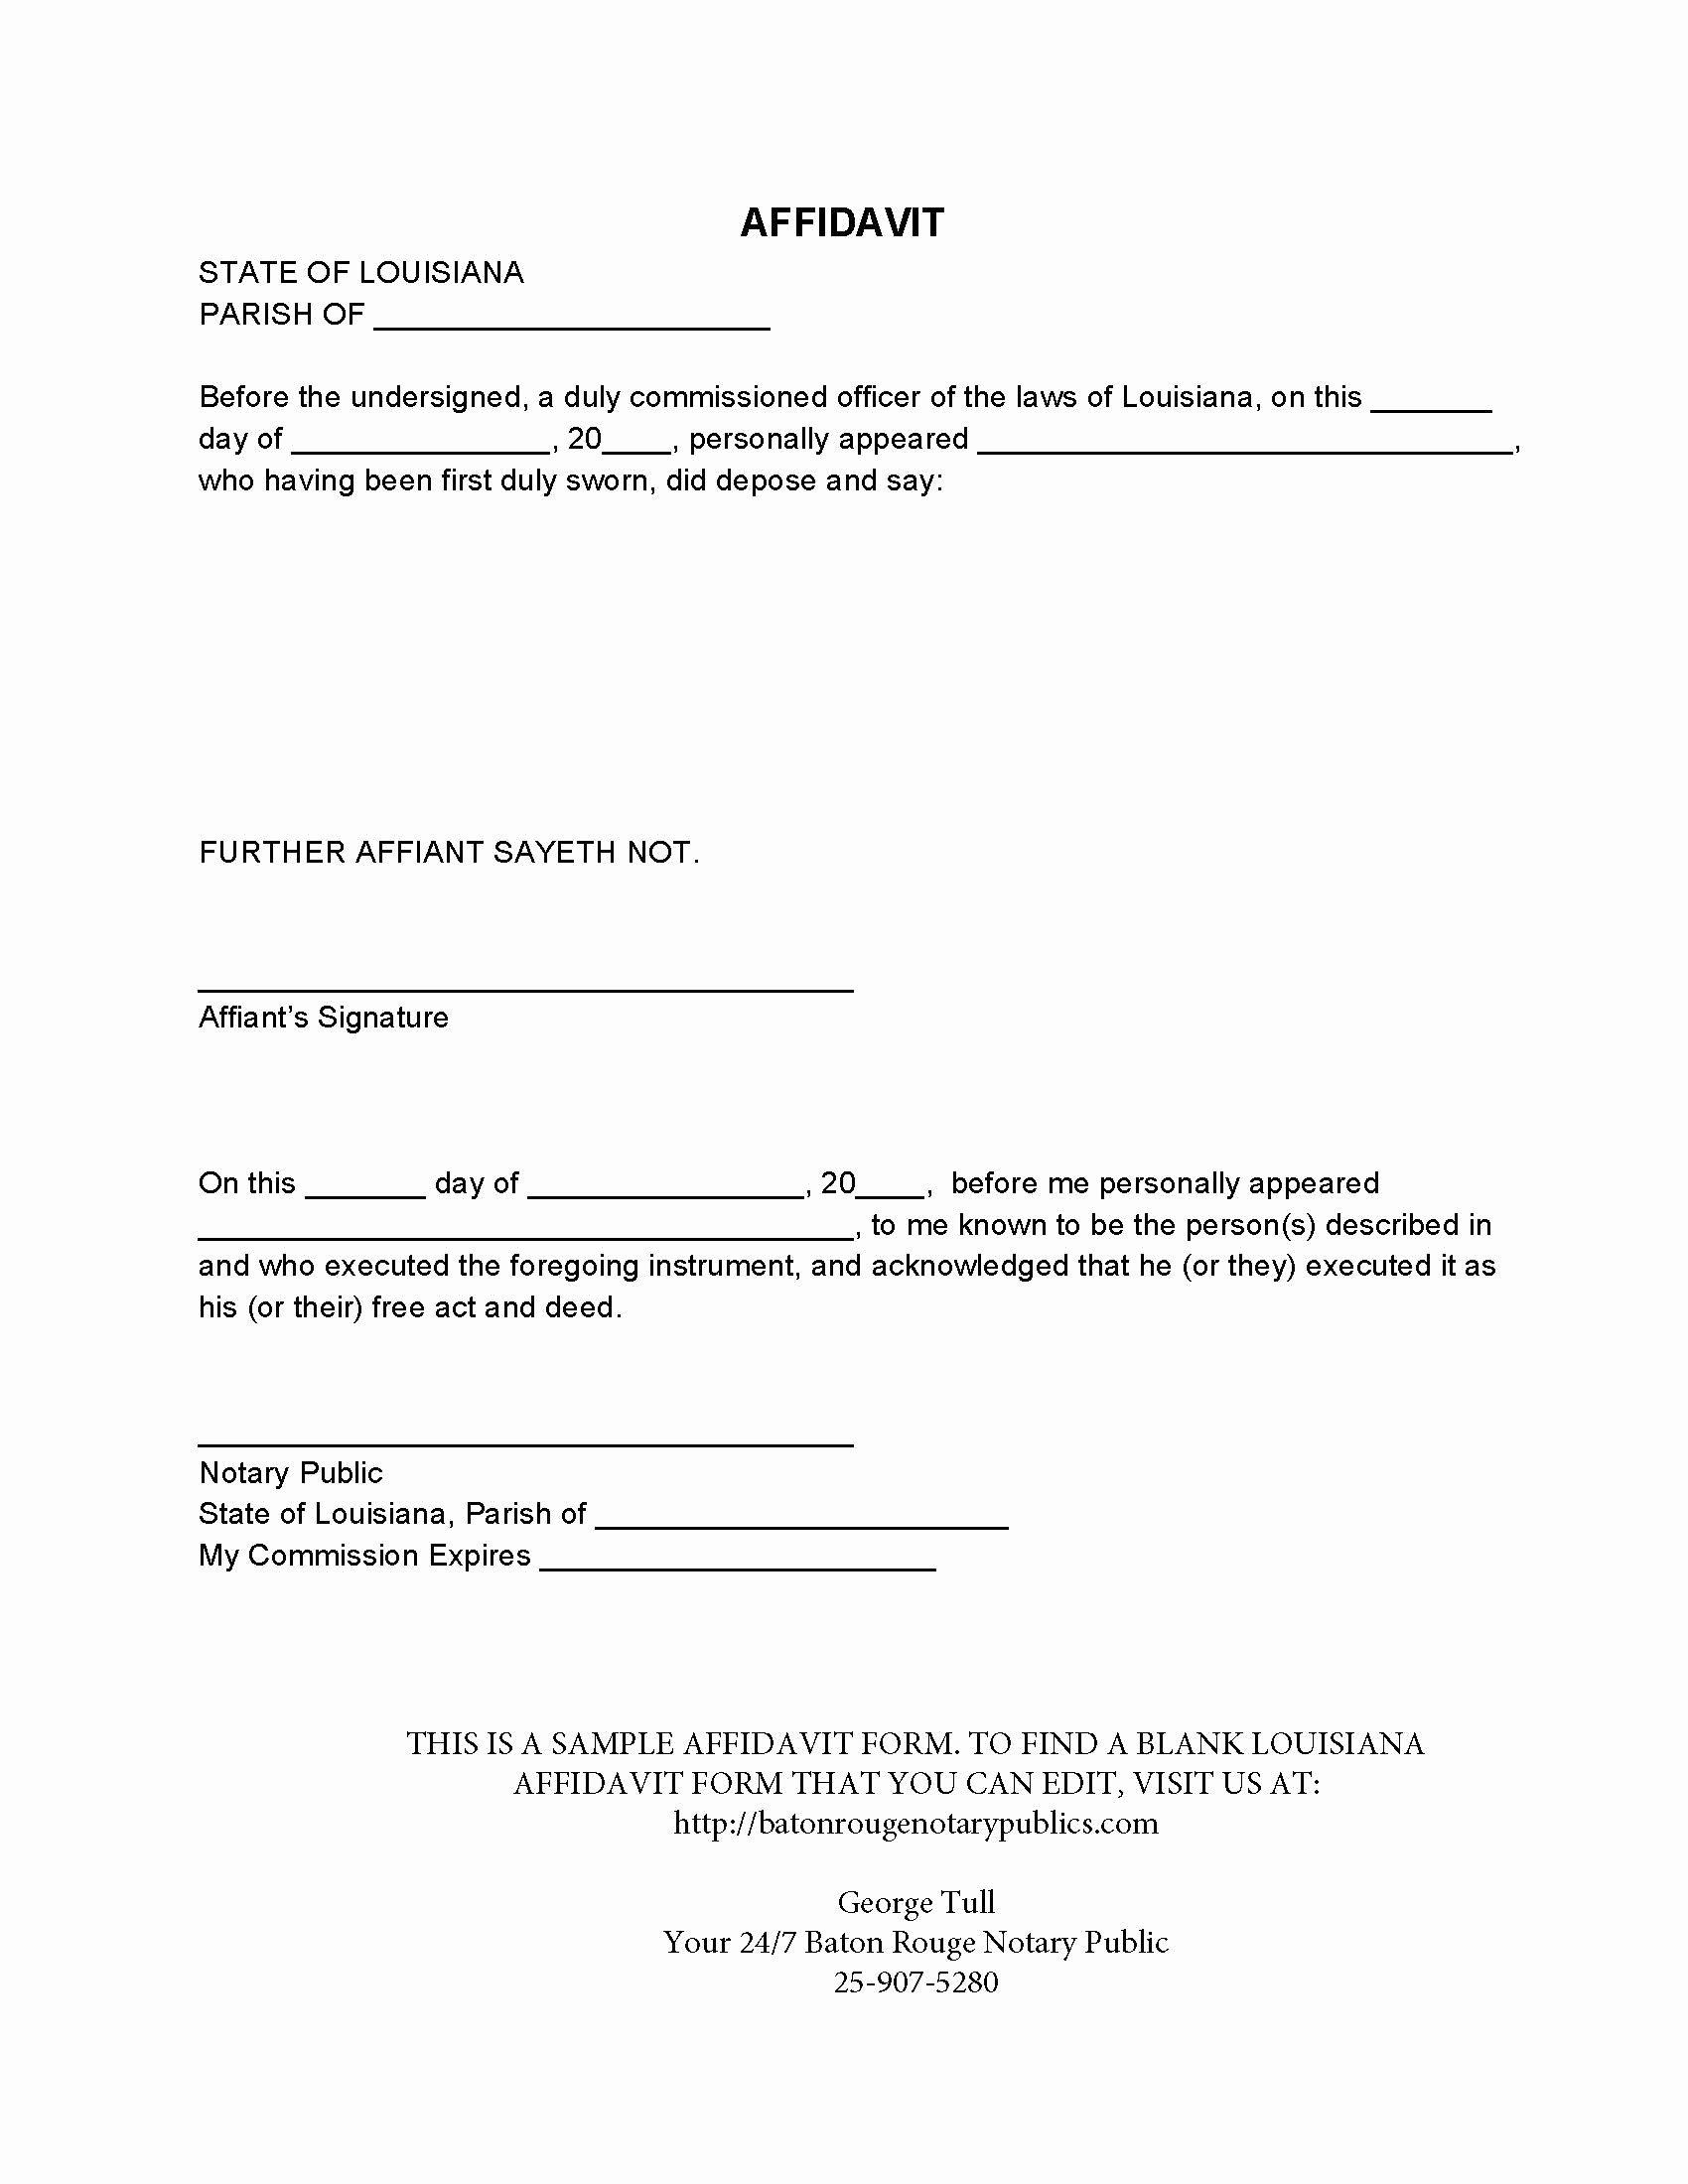 Sample Of Affidavit Of Support Letter Unique Free Sample Affidavit Letter for Immigration with